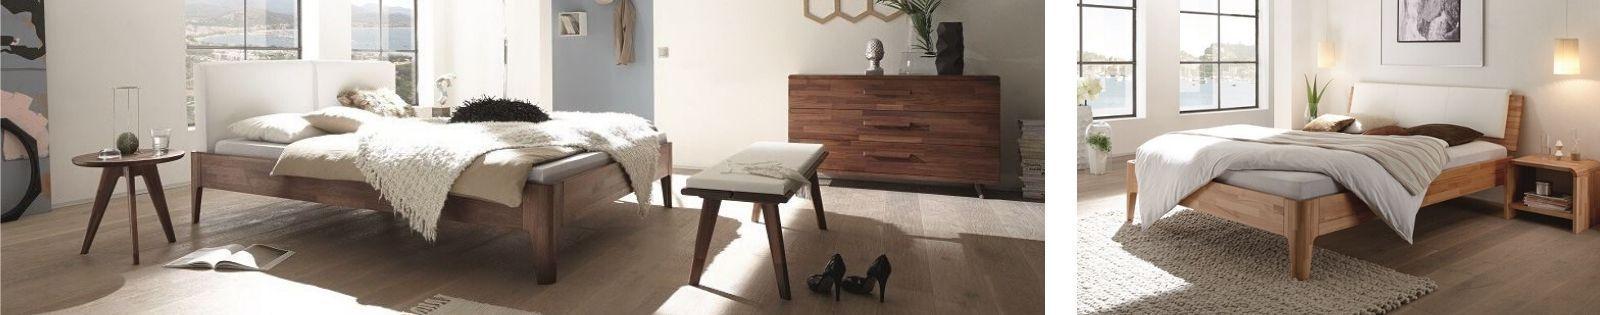 meuble pour la chambre en bois massif